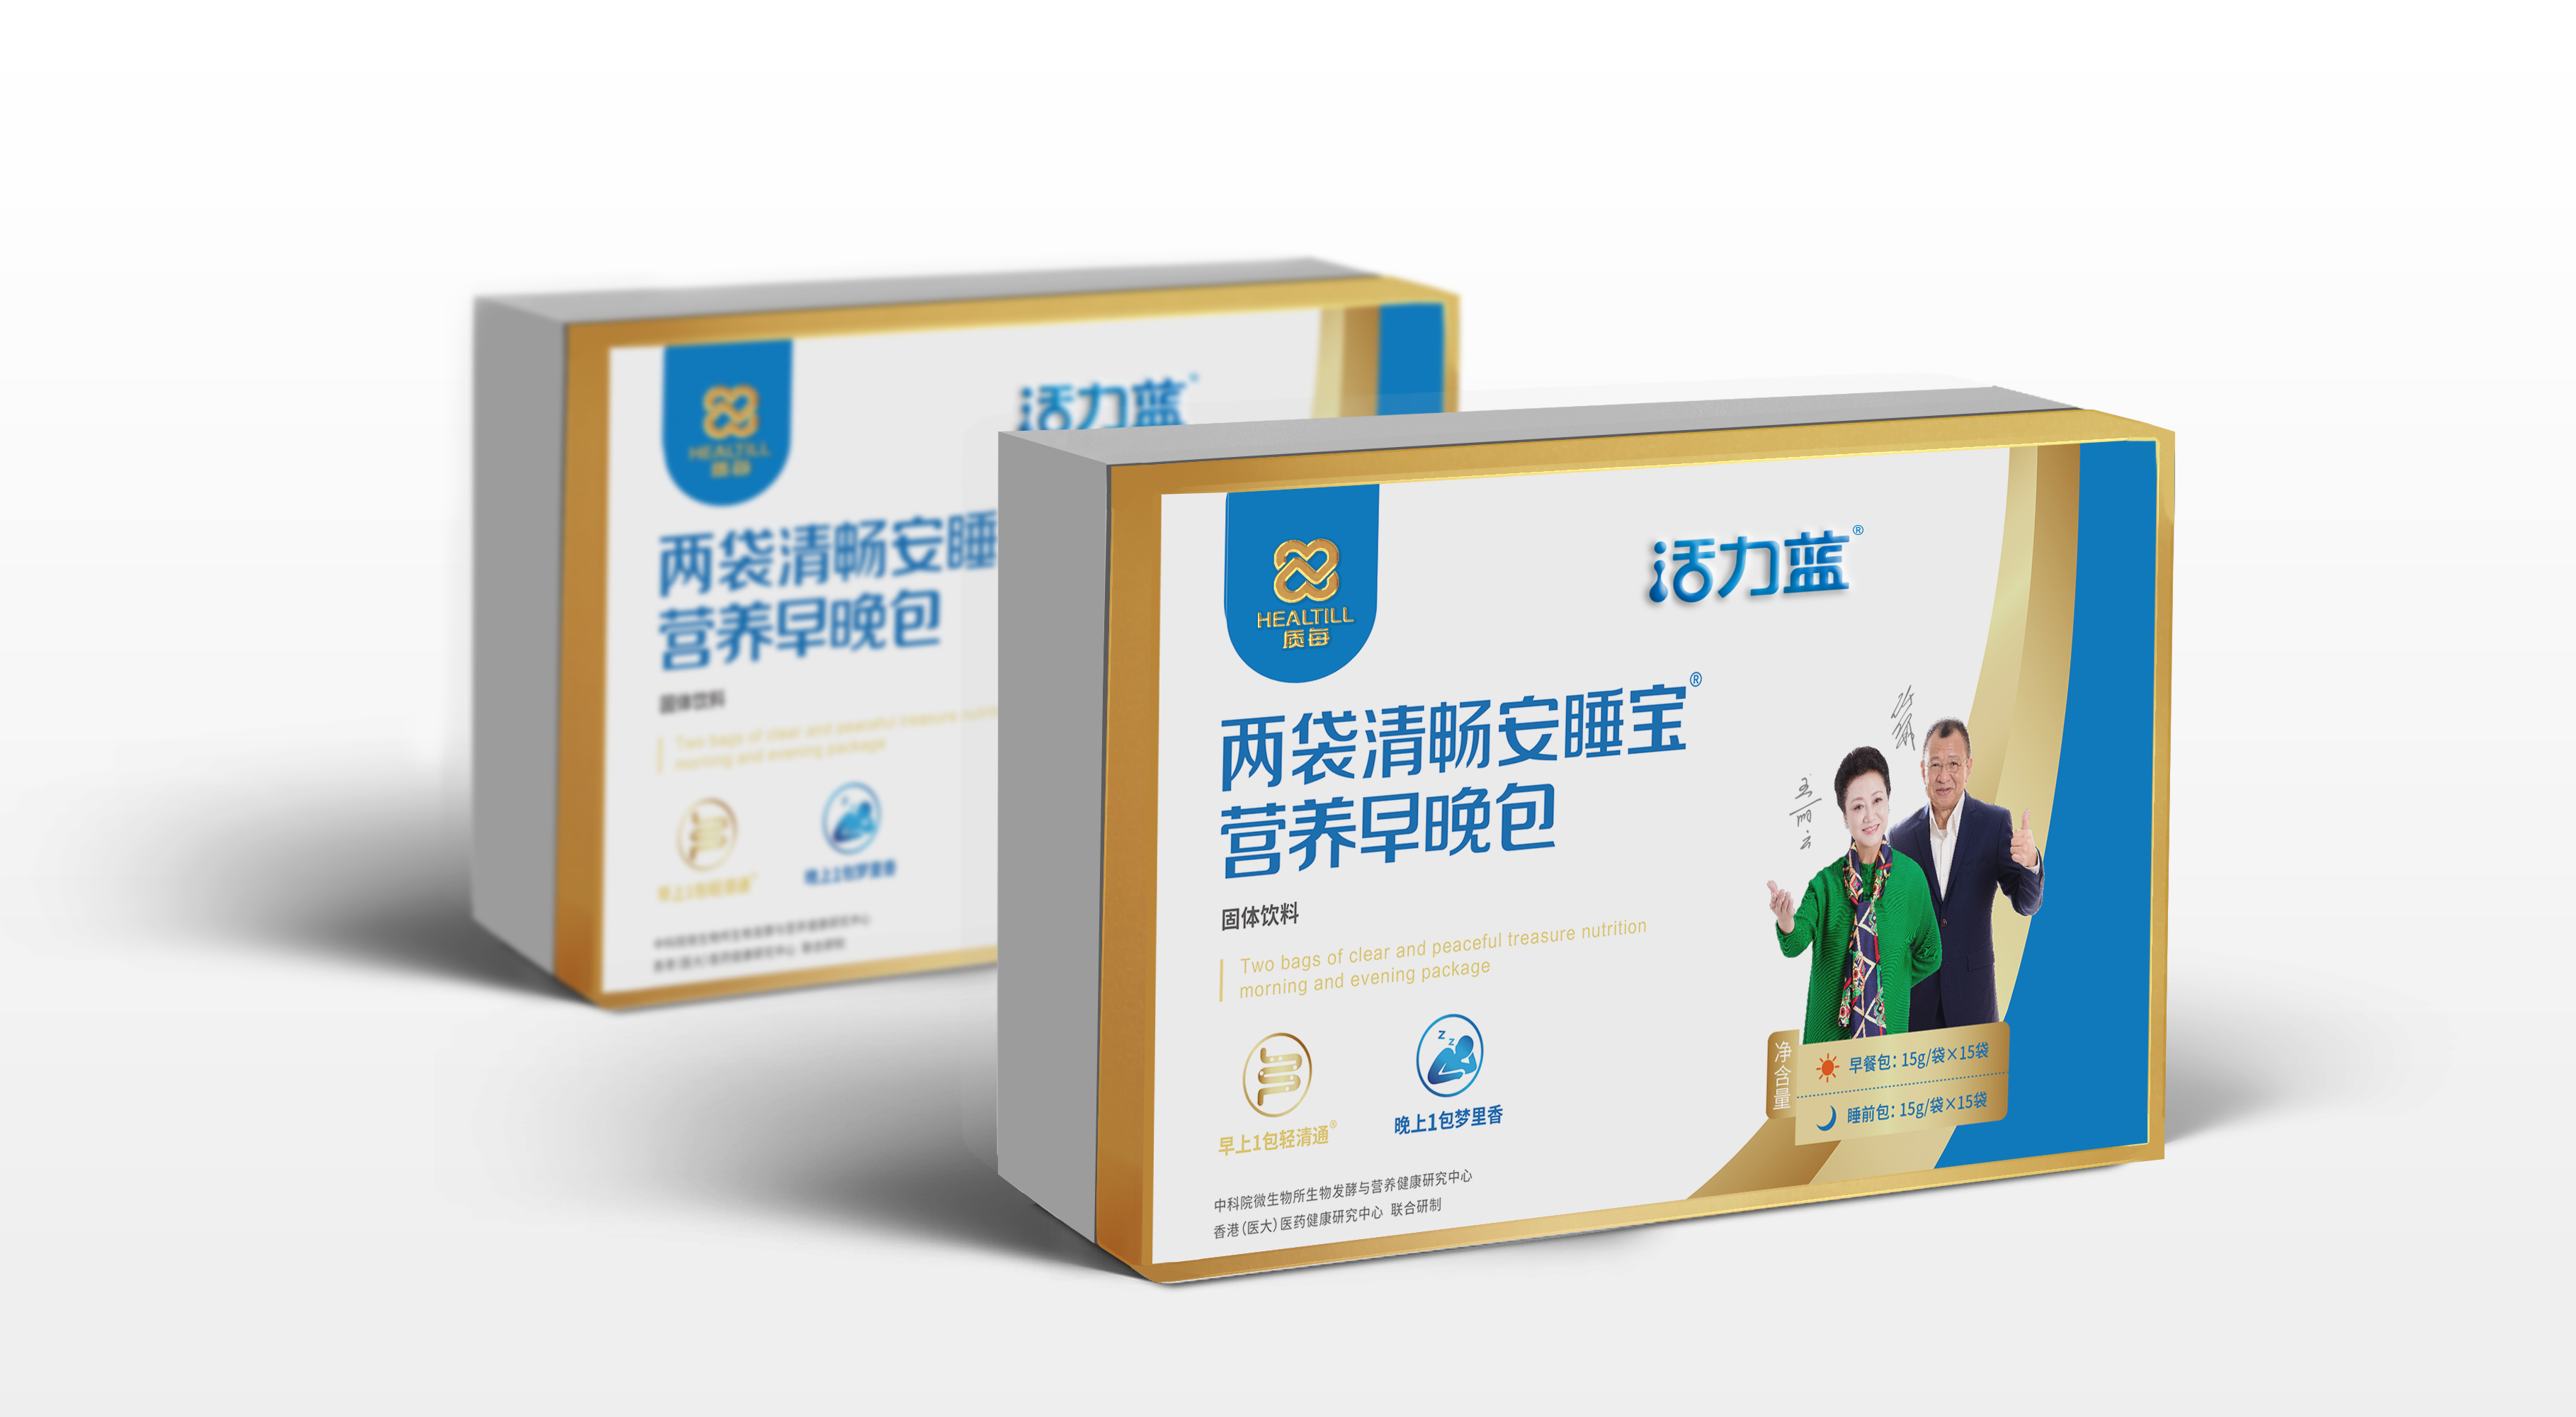 活力蓝品牌包装设计